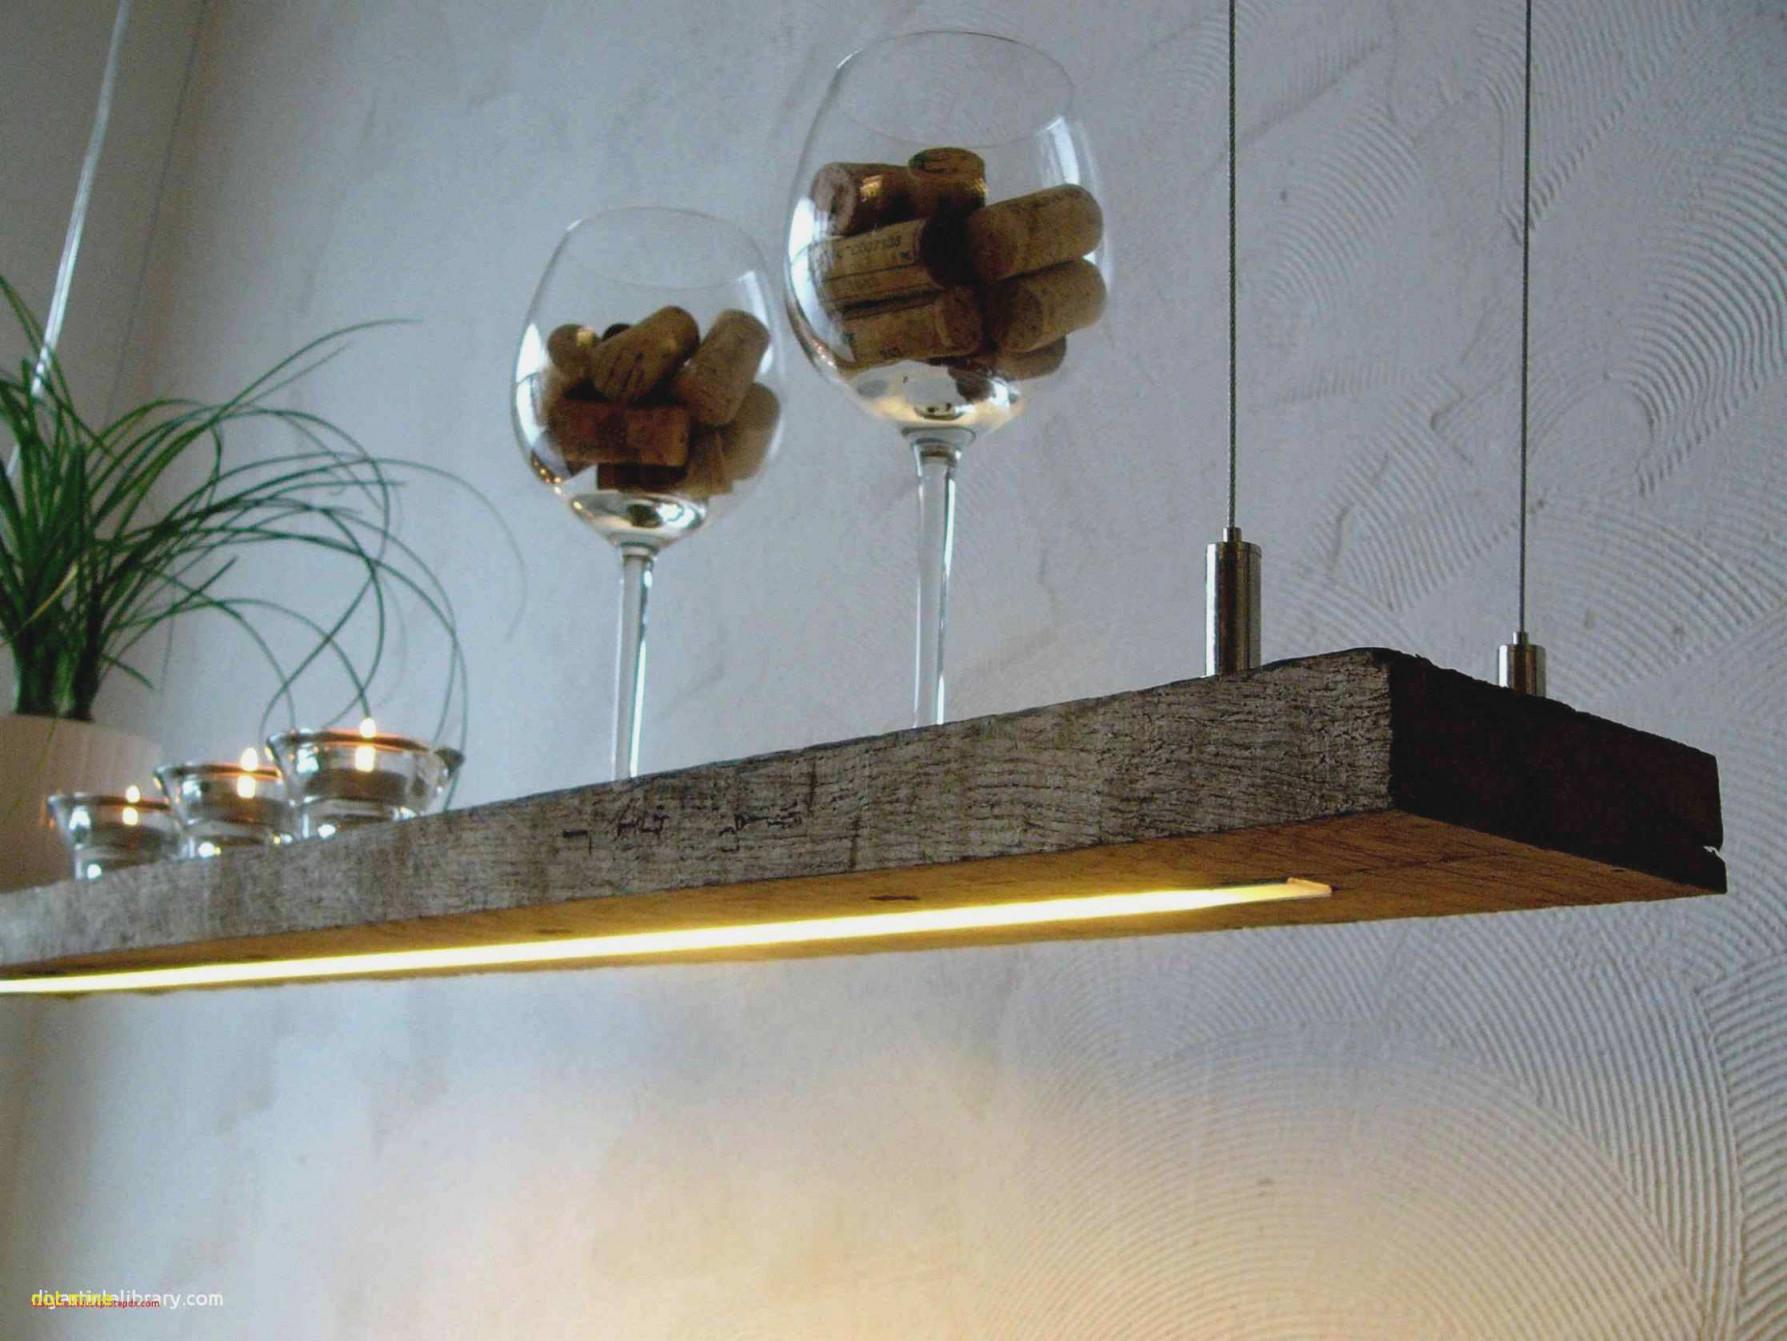 Deckenleuchte Aus Holz Luxus Wohnzimmer Deckenlampe Holz von Deckenlampe Wohnzimmer Holz Photo